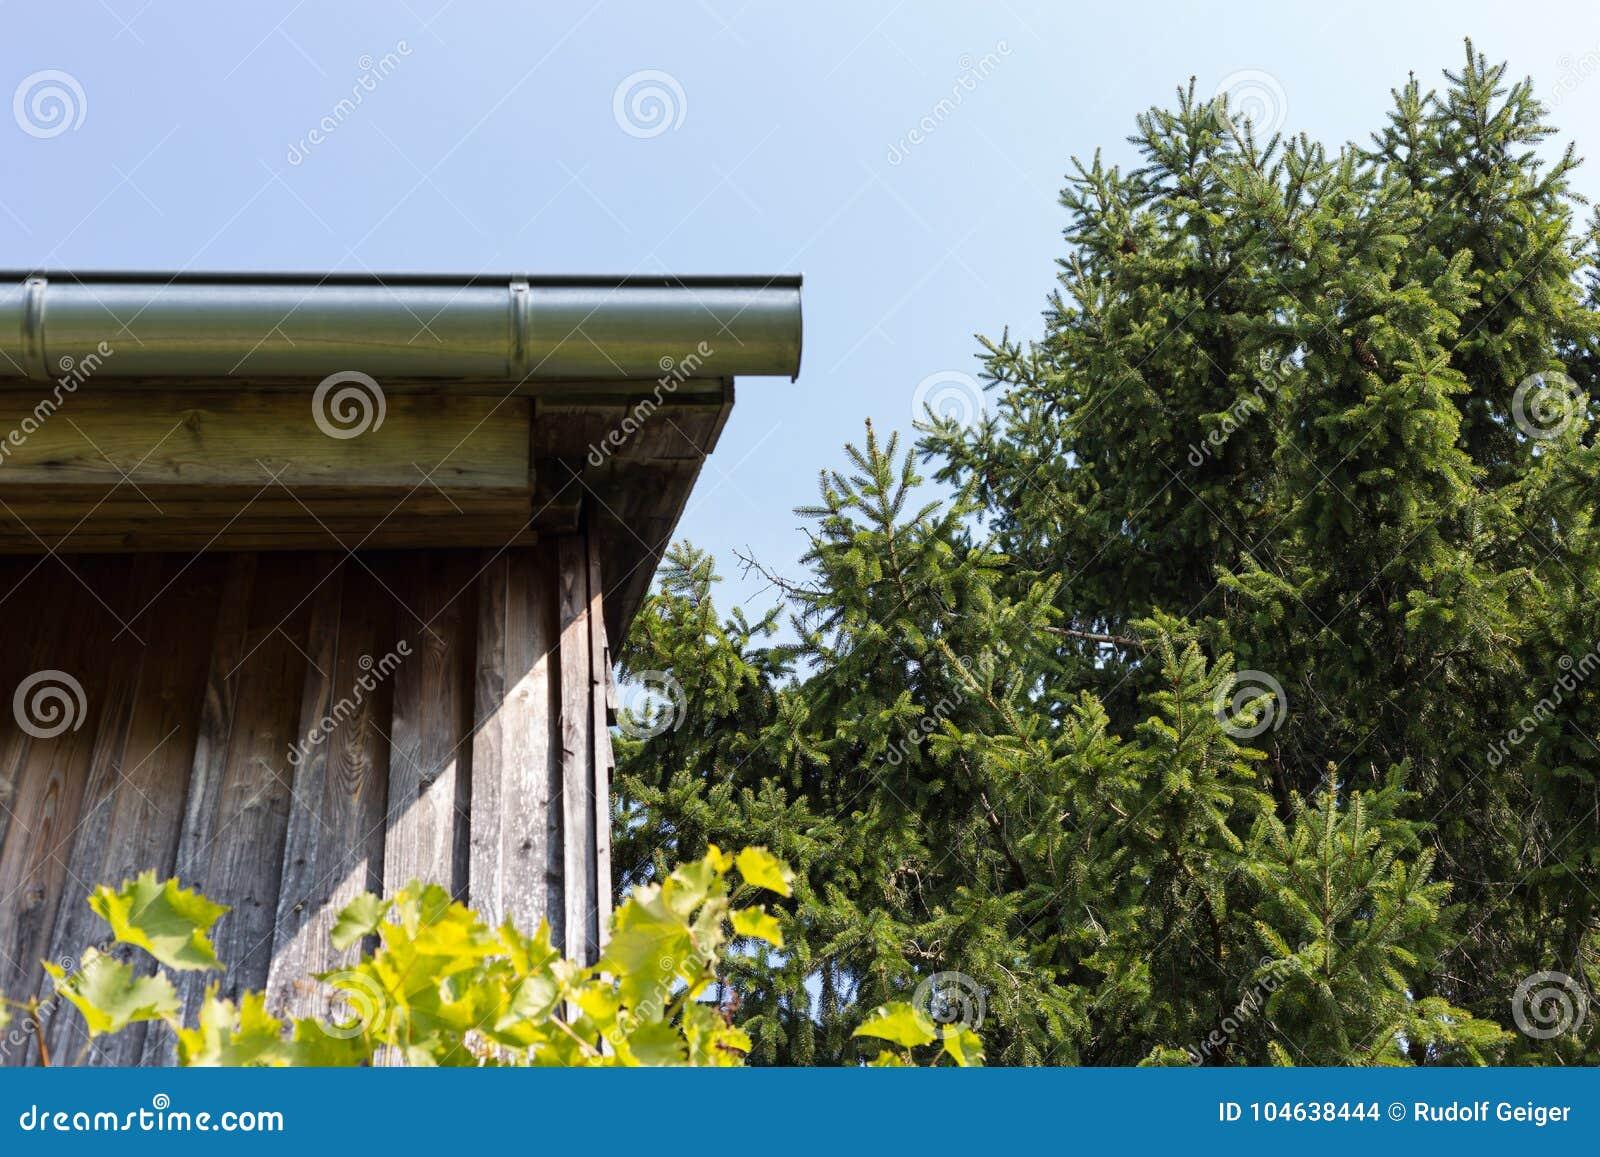 Download Tuin Van Het Zuiden De Duitse Plattelandshuisje Stock Foto - Afbeelding bestaande uit water, building: 104638444